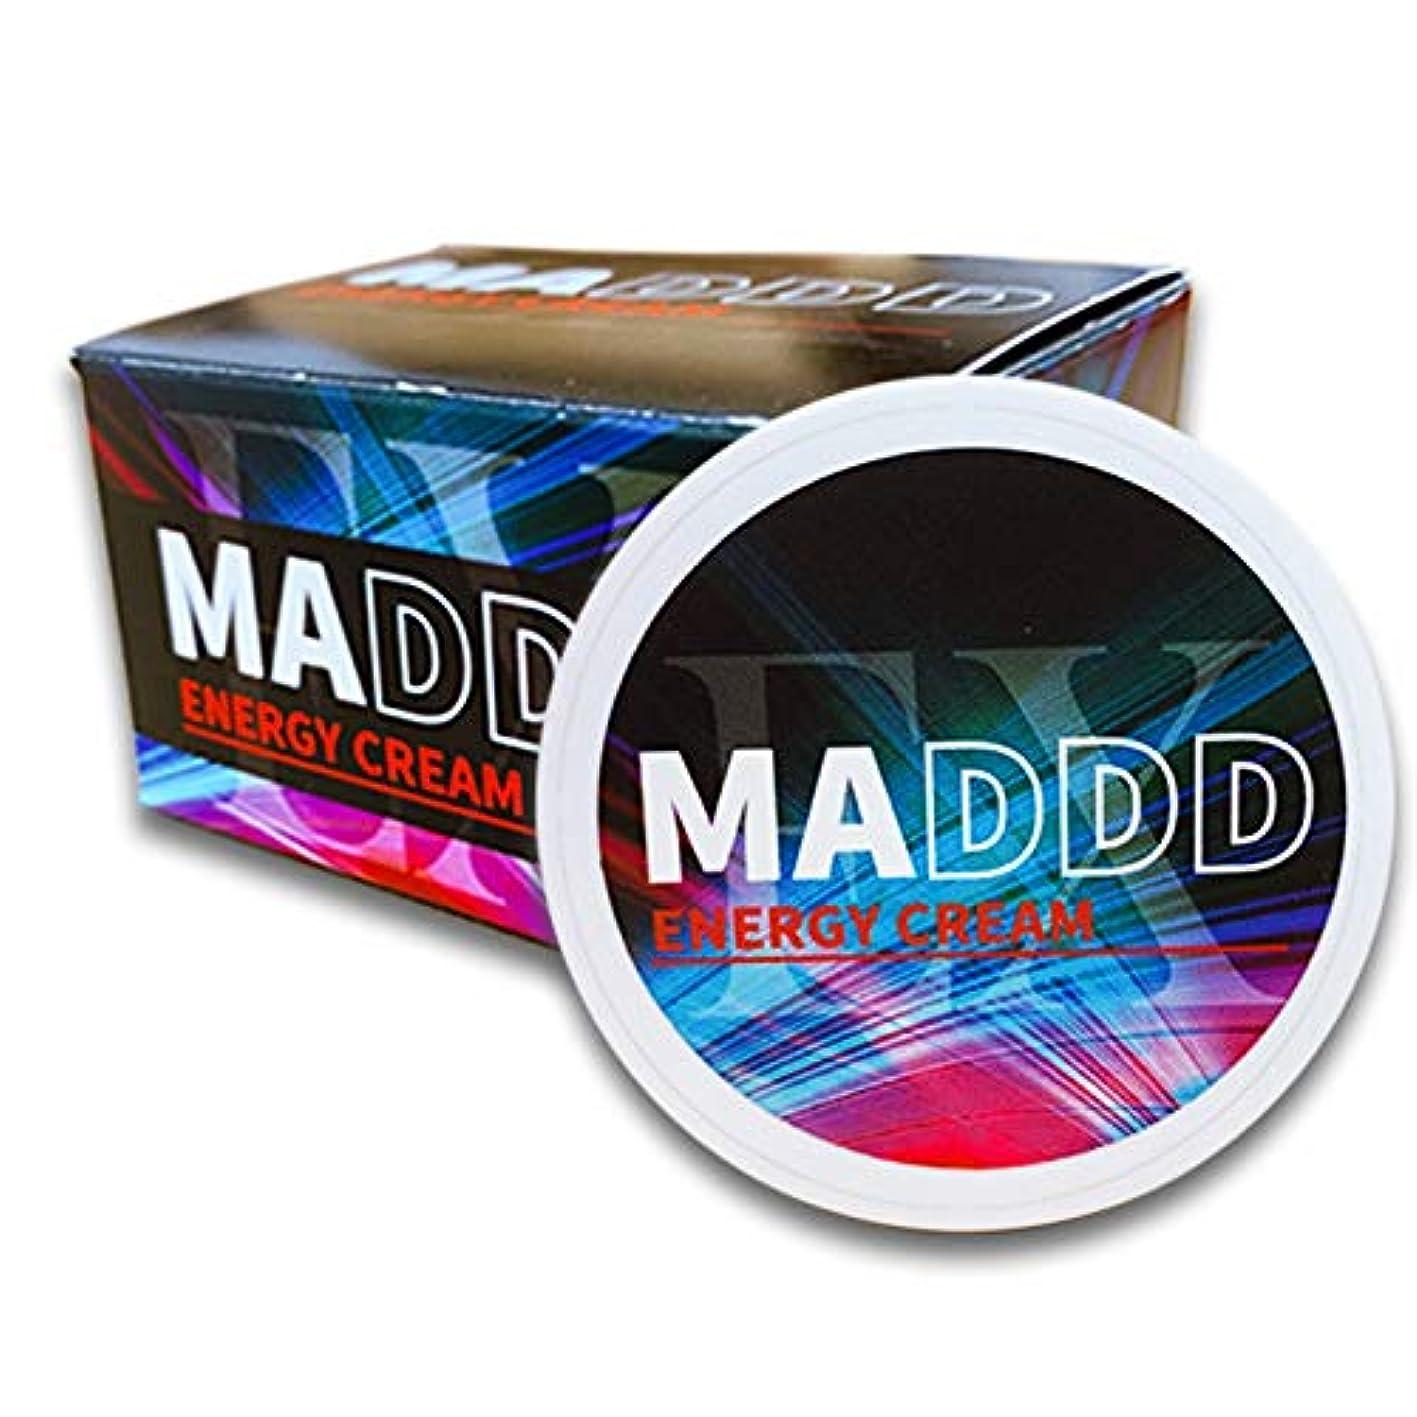 フットボールめんどり偶然MADDD EX 増大クリーム 自信 持続力 厳選成分 50g (単品購入)